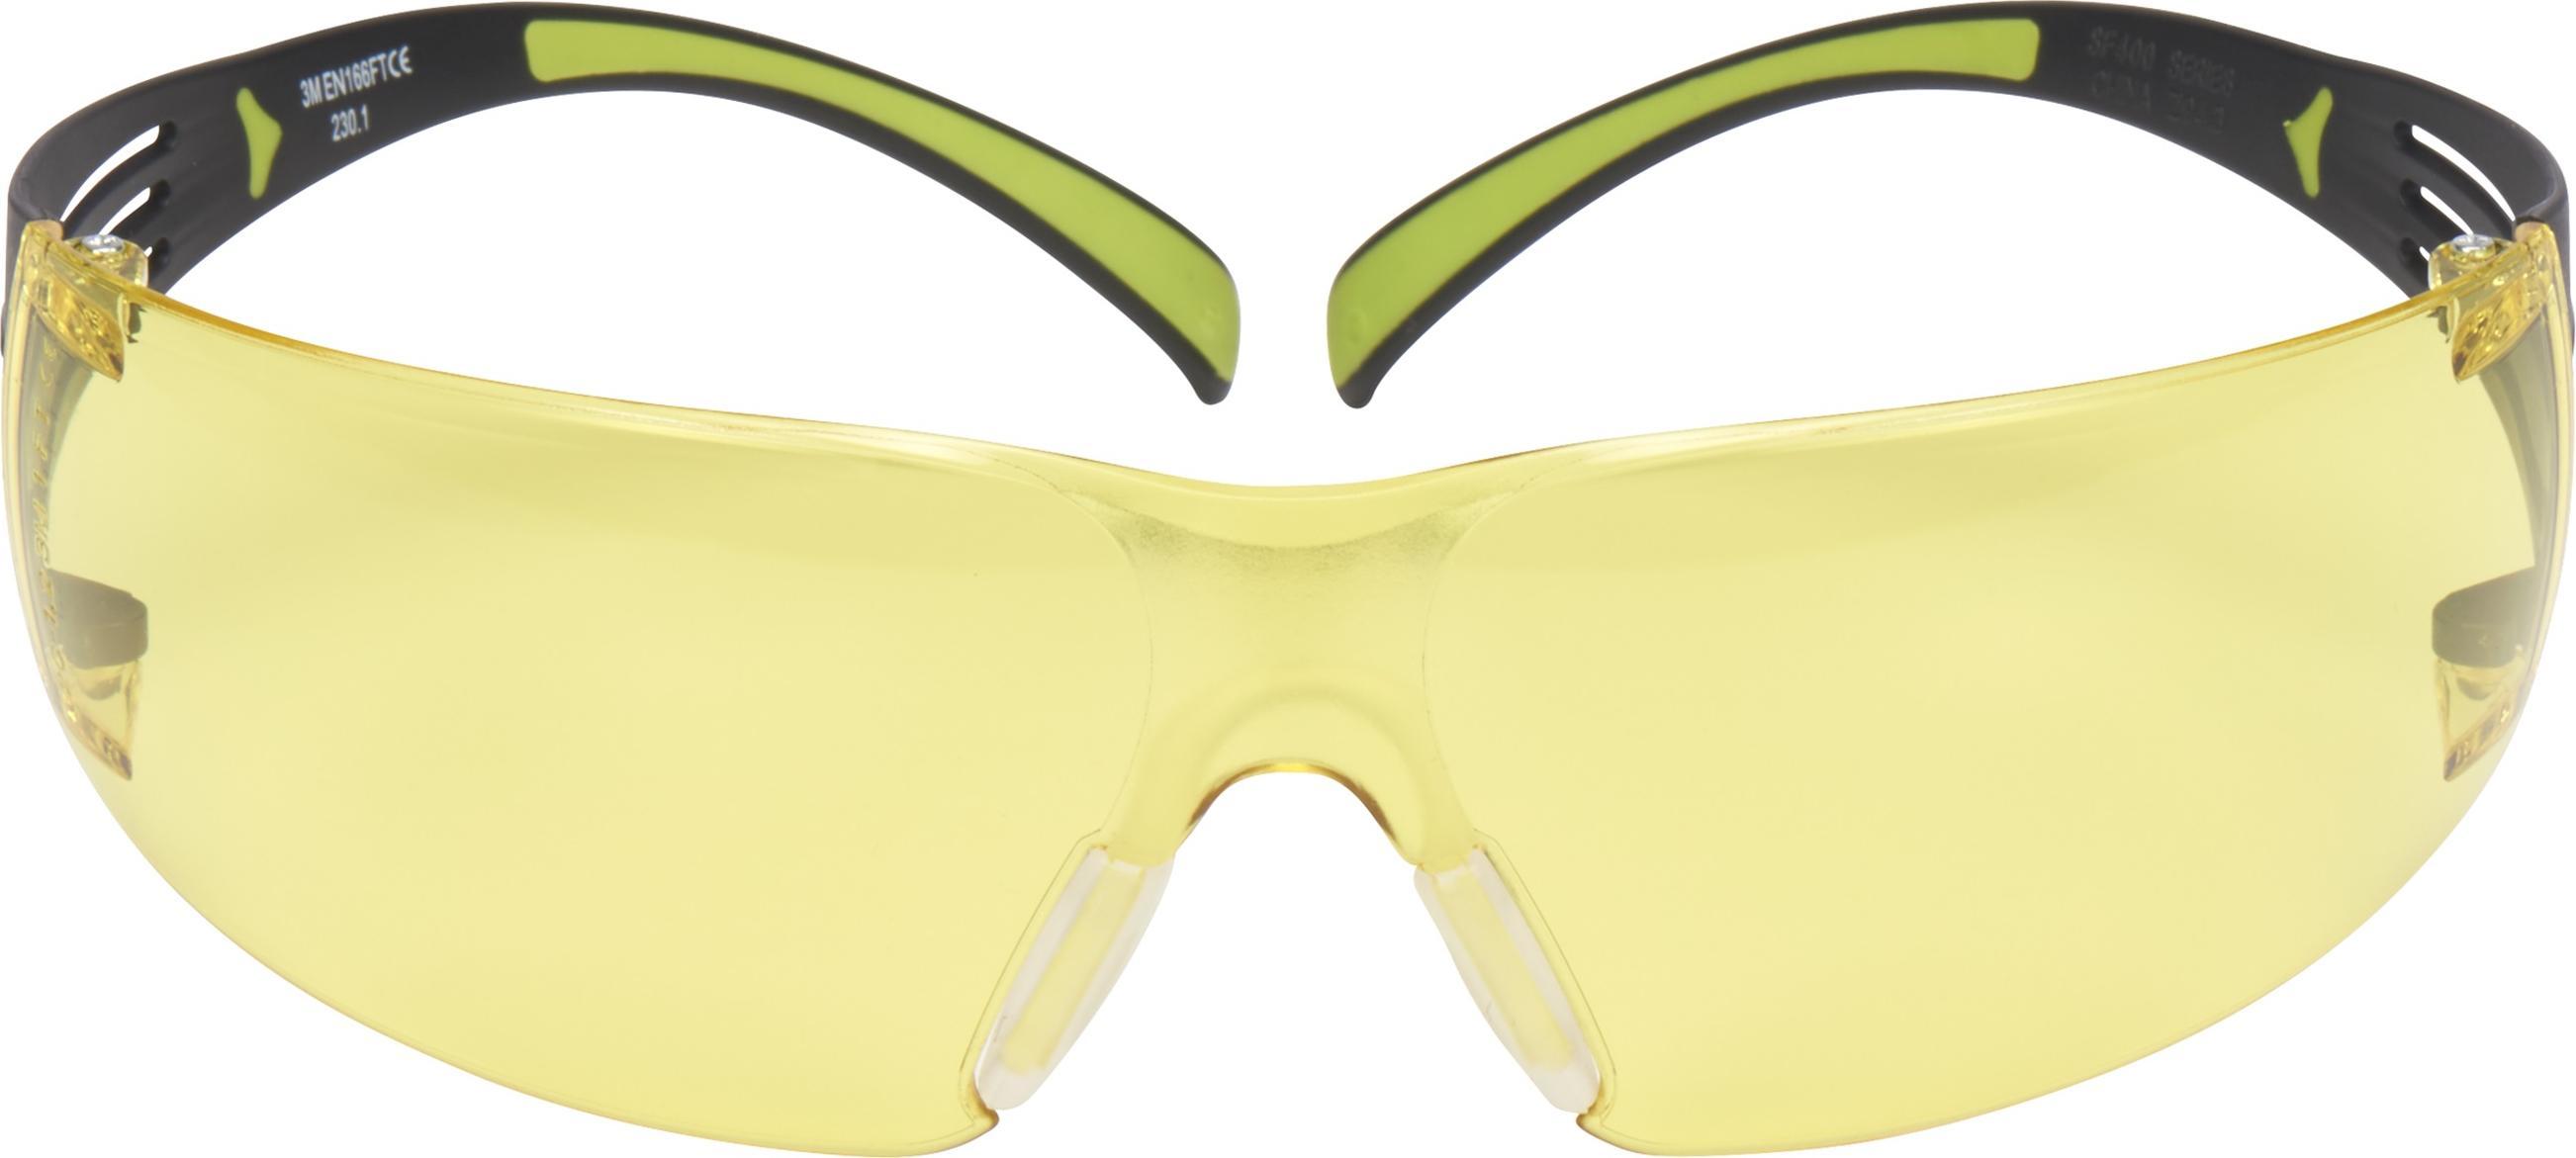 Защитные открытые очки 3М Securefit 403 очки 3m securefit 203 желтый